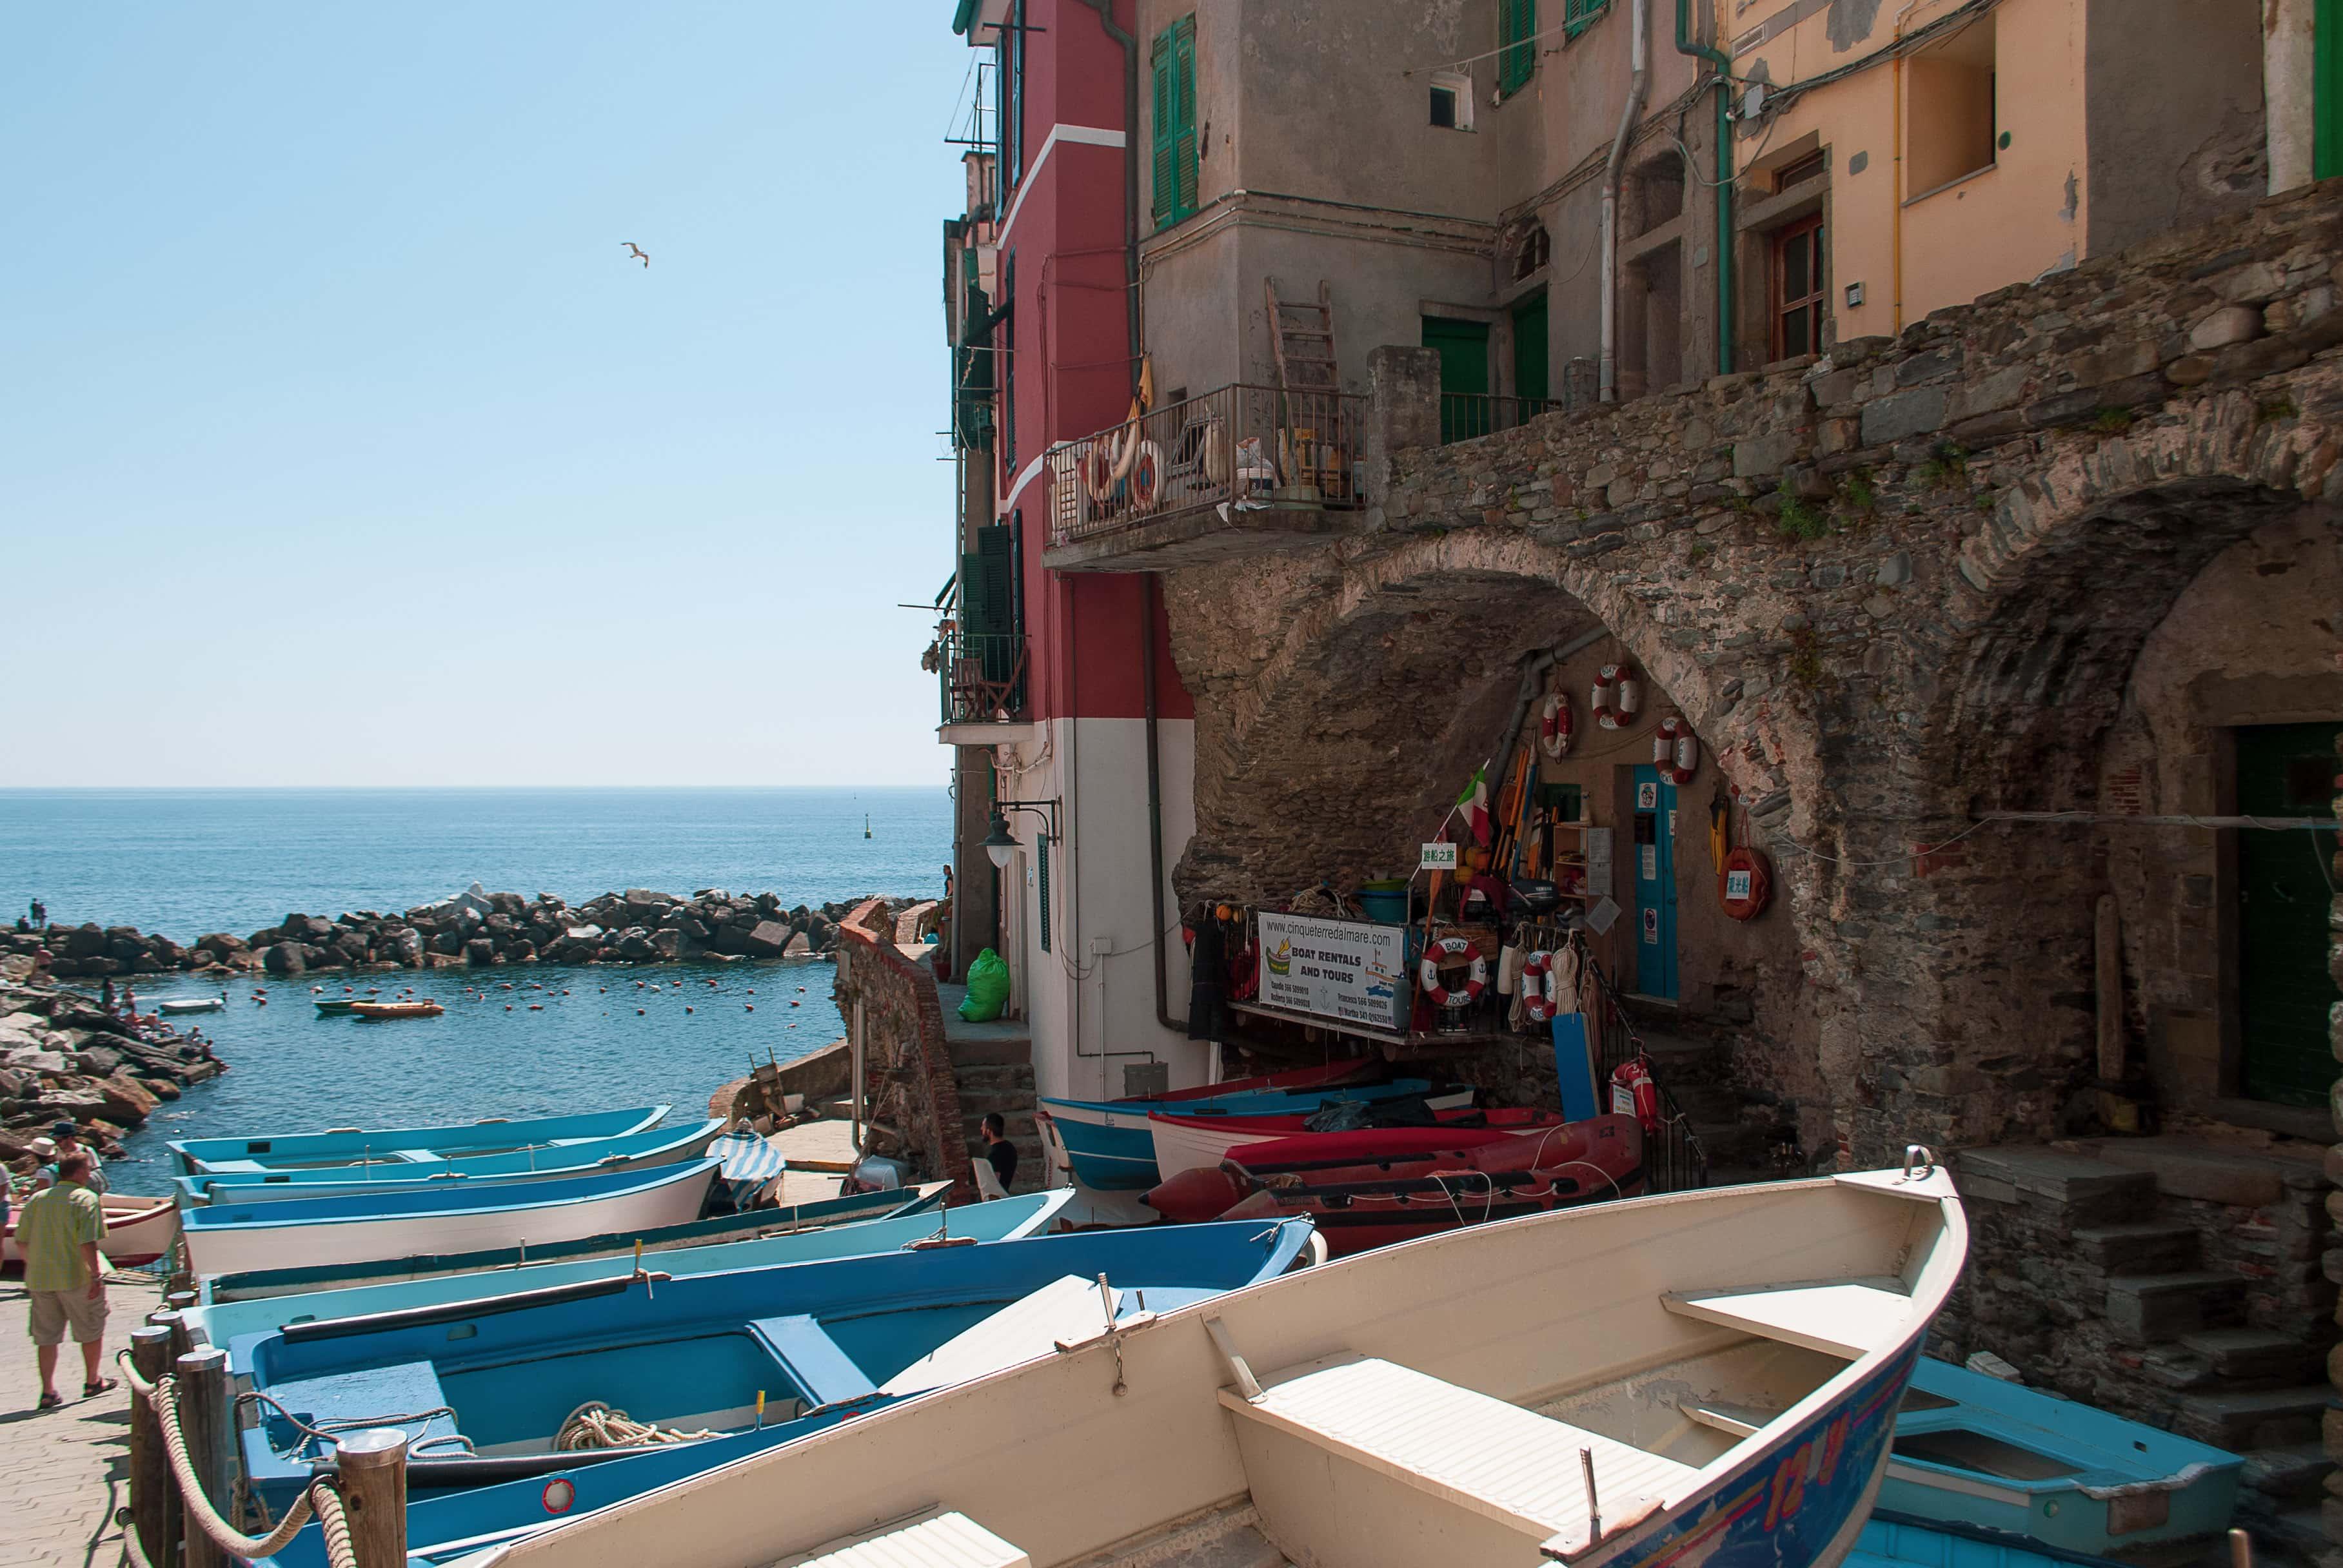 From Florence to Cinque Terre, Riomaggiore